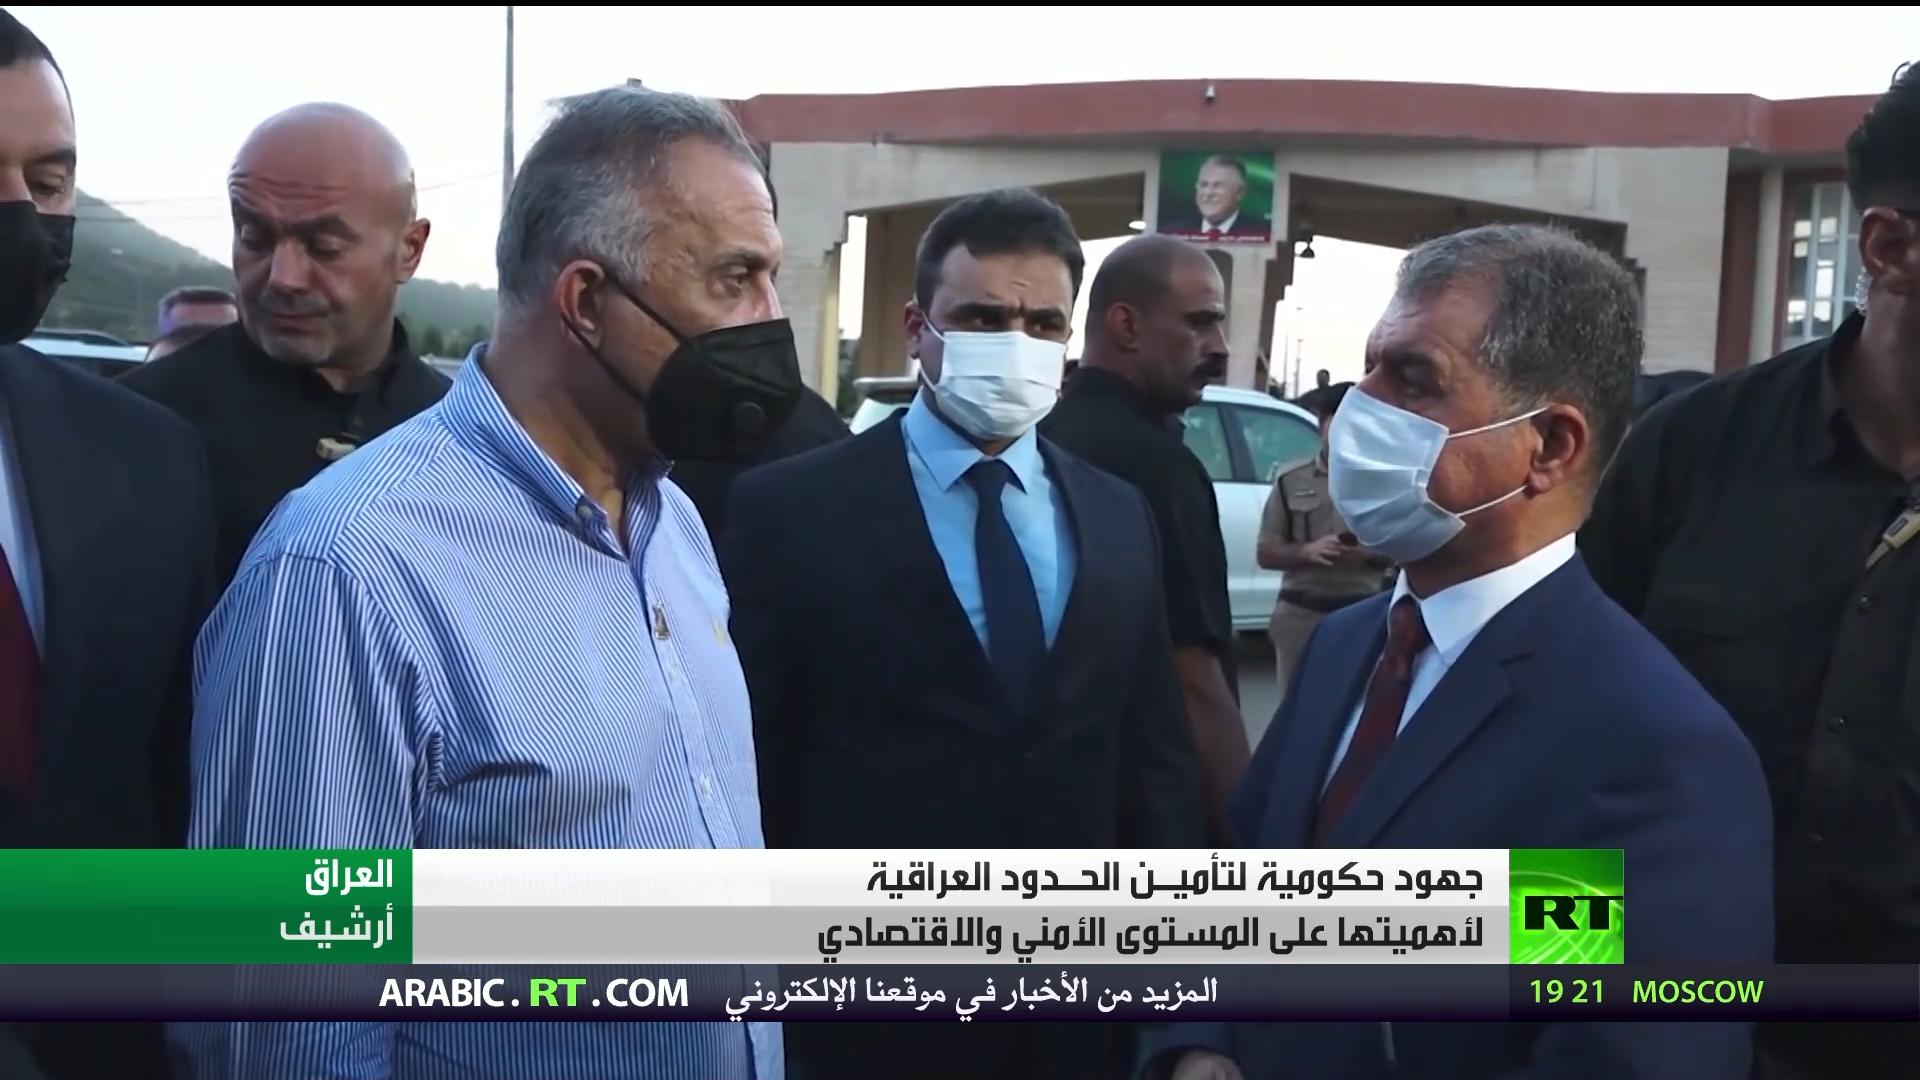 الحدود العراقية.. ملف أمني واقتصادي